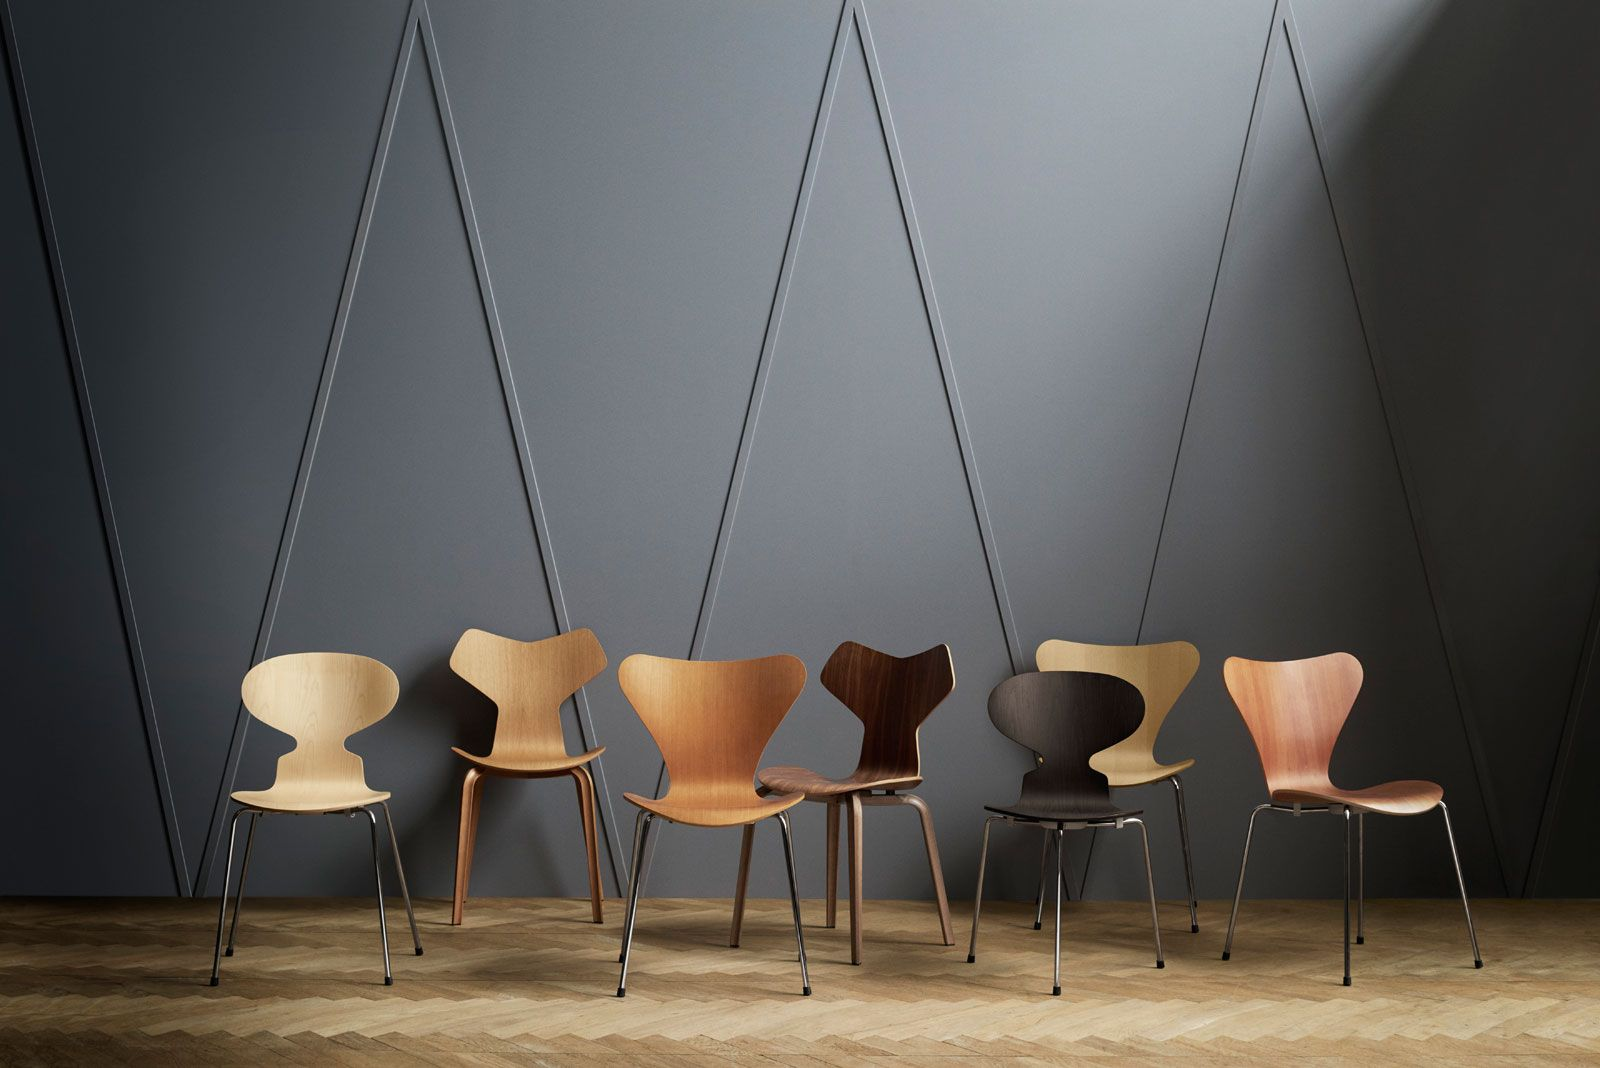 Scopri il nostro catalogo online di sedie in legno per la cucina o per il living, dallo stile rustico, classico, nordico o di. Le Sedie Di Design Piu Famose 10 Icone Che Devi Conoscere